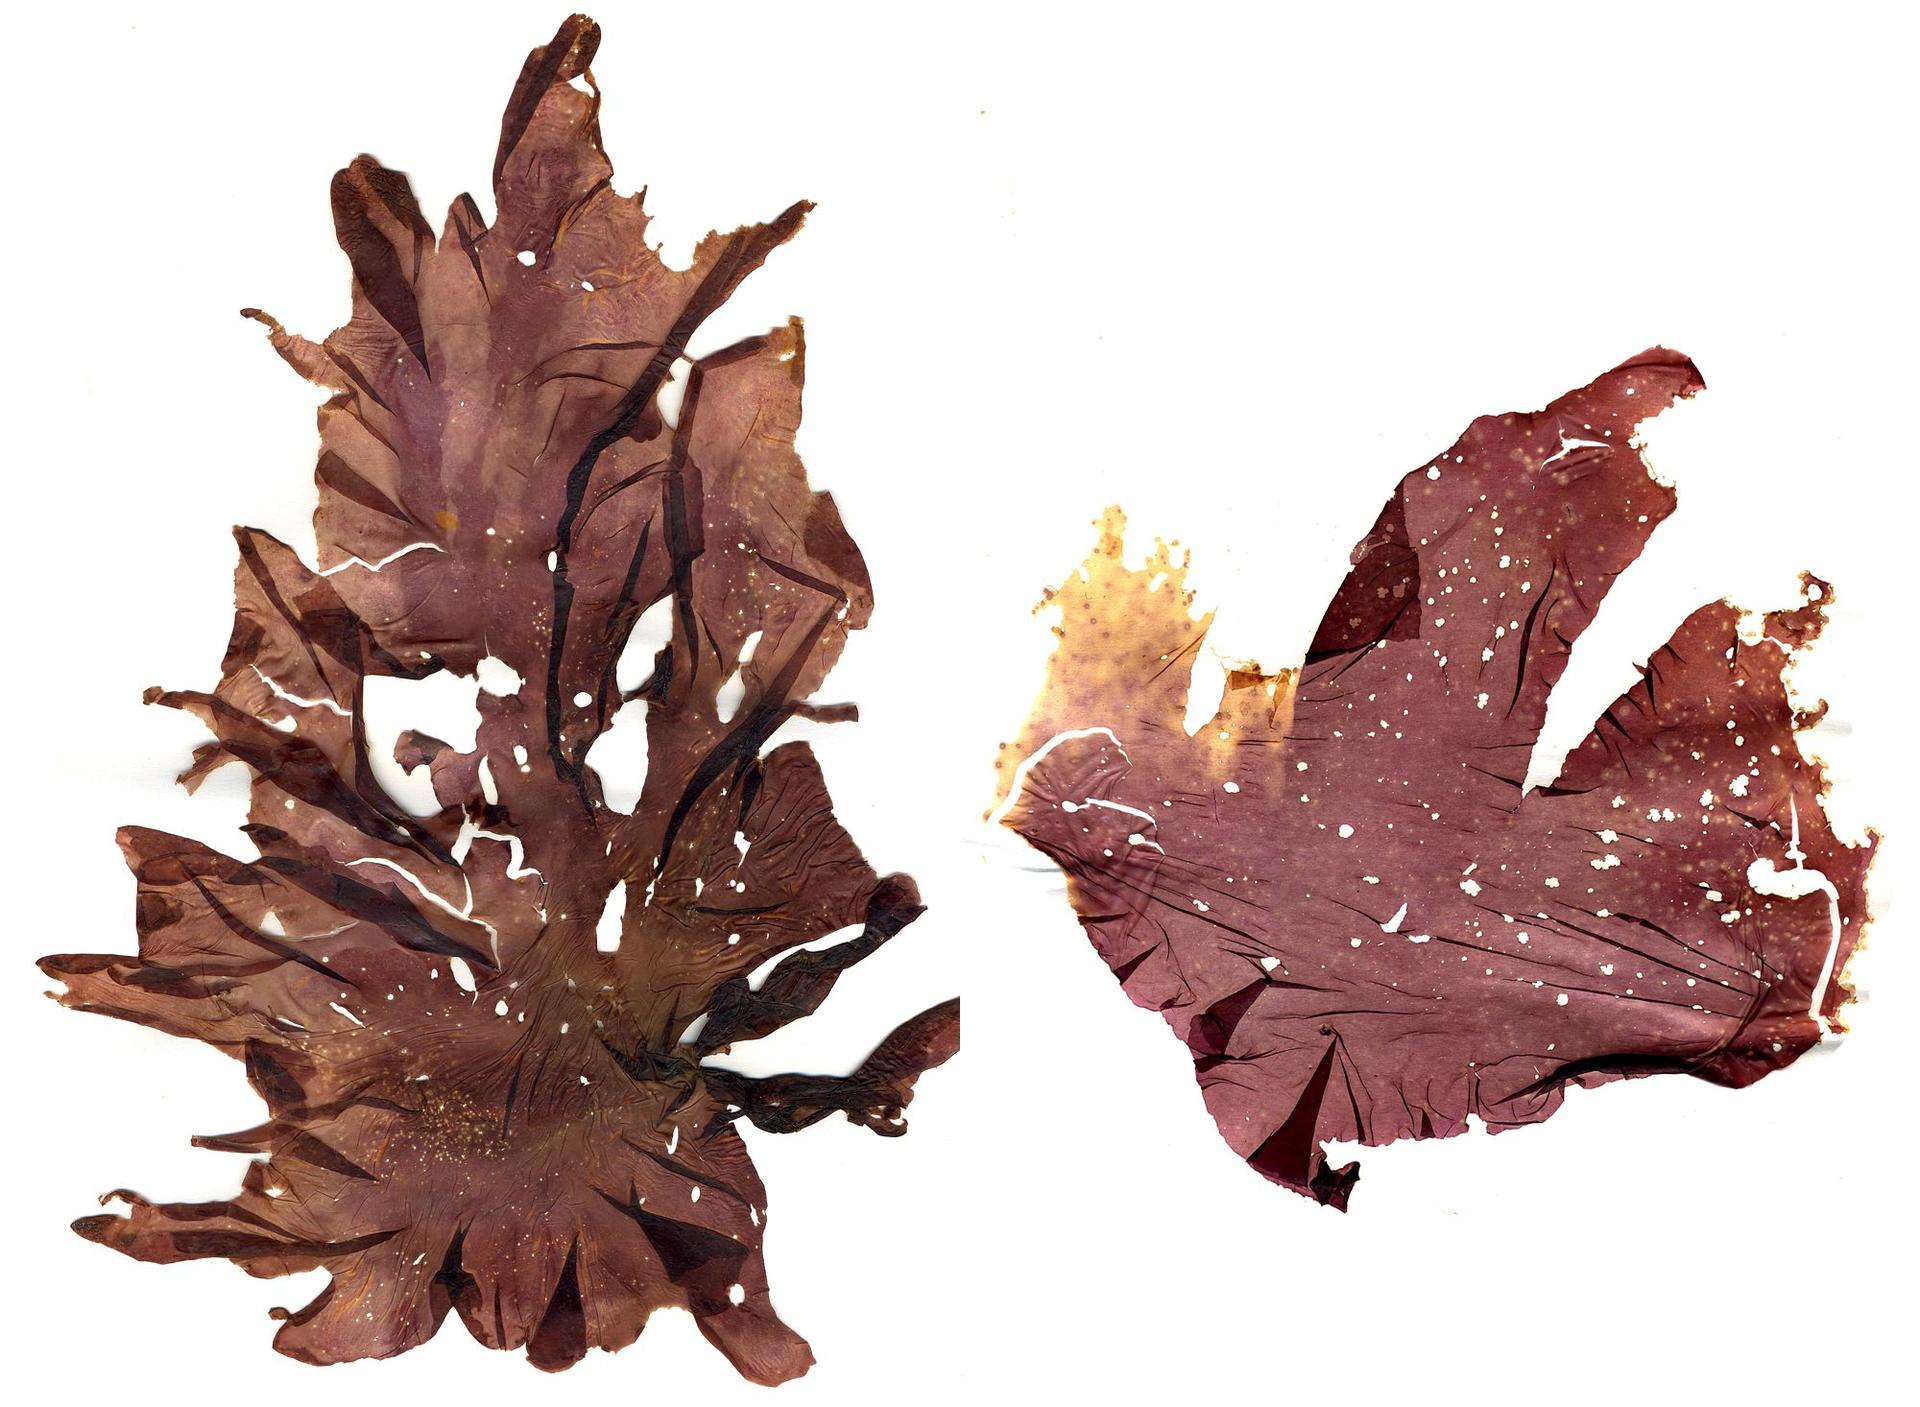 Fotografia przedstawia dwie zasuszine plechy krasmorostu. Są wielokształtne, czerwonobrązowe, mają powcinane brzegi.